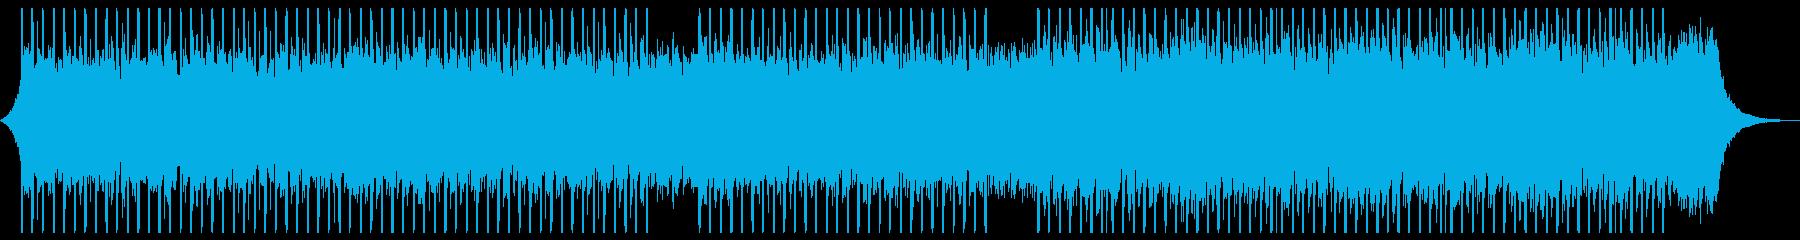 勝者(90秒)の再生済みの波形